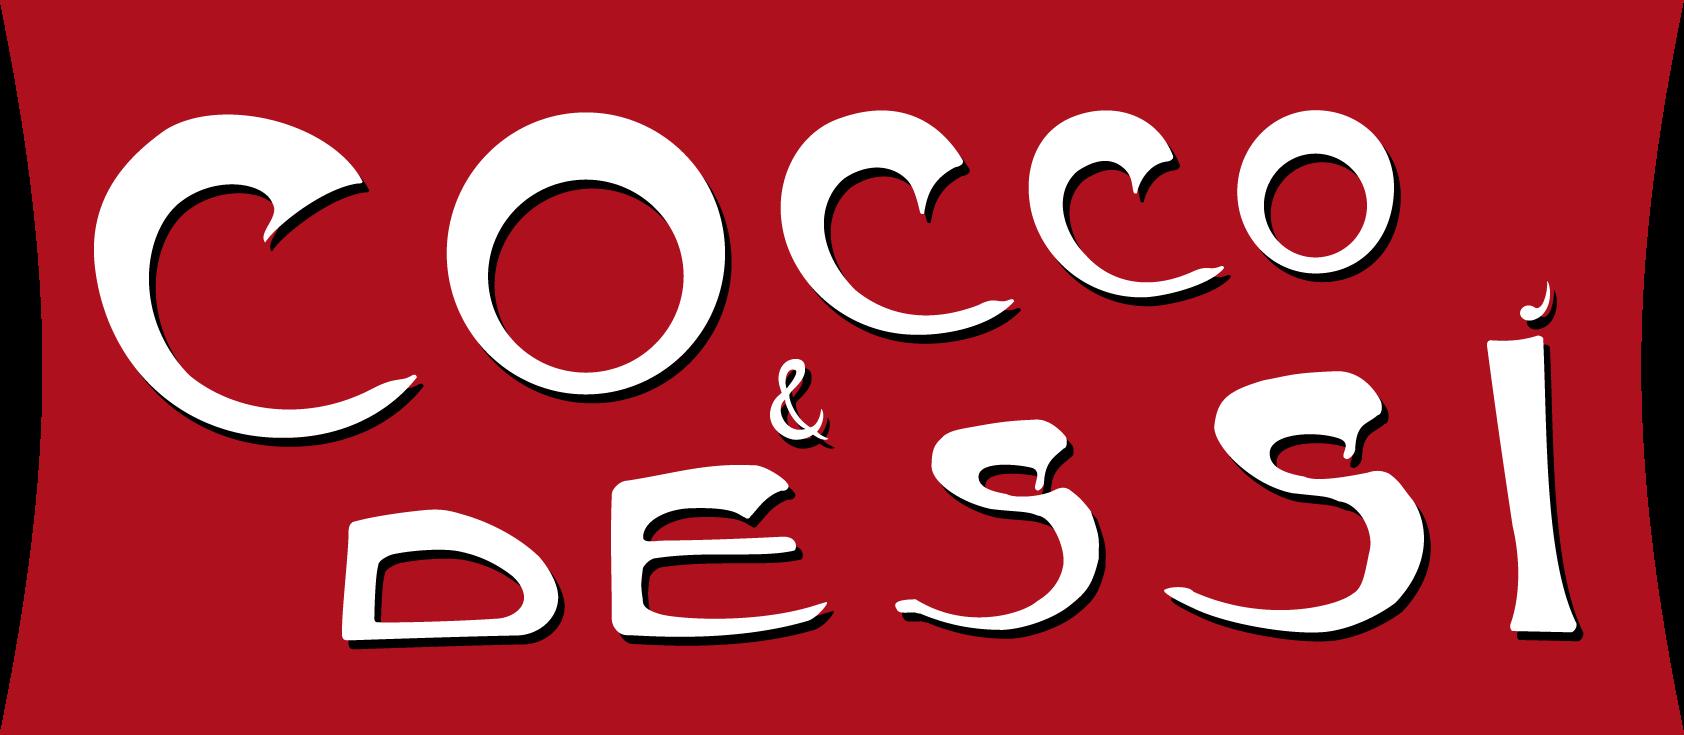 Cocco e Dessì